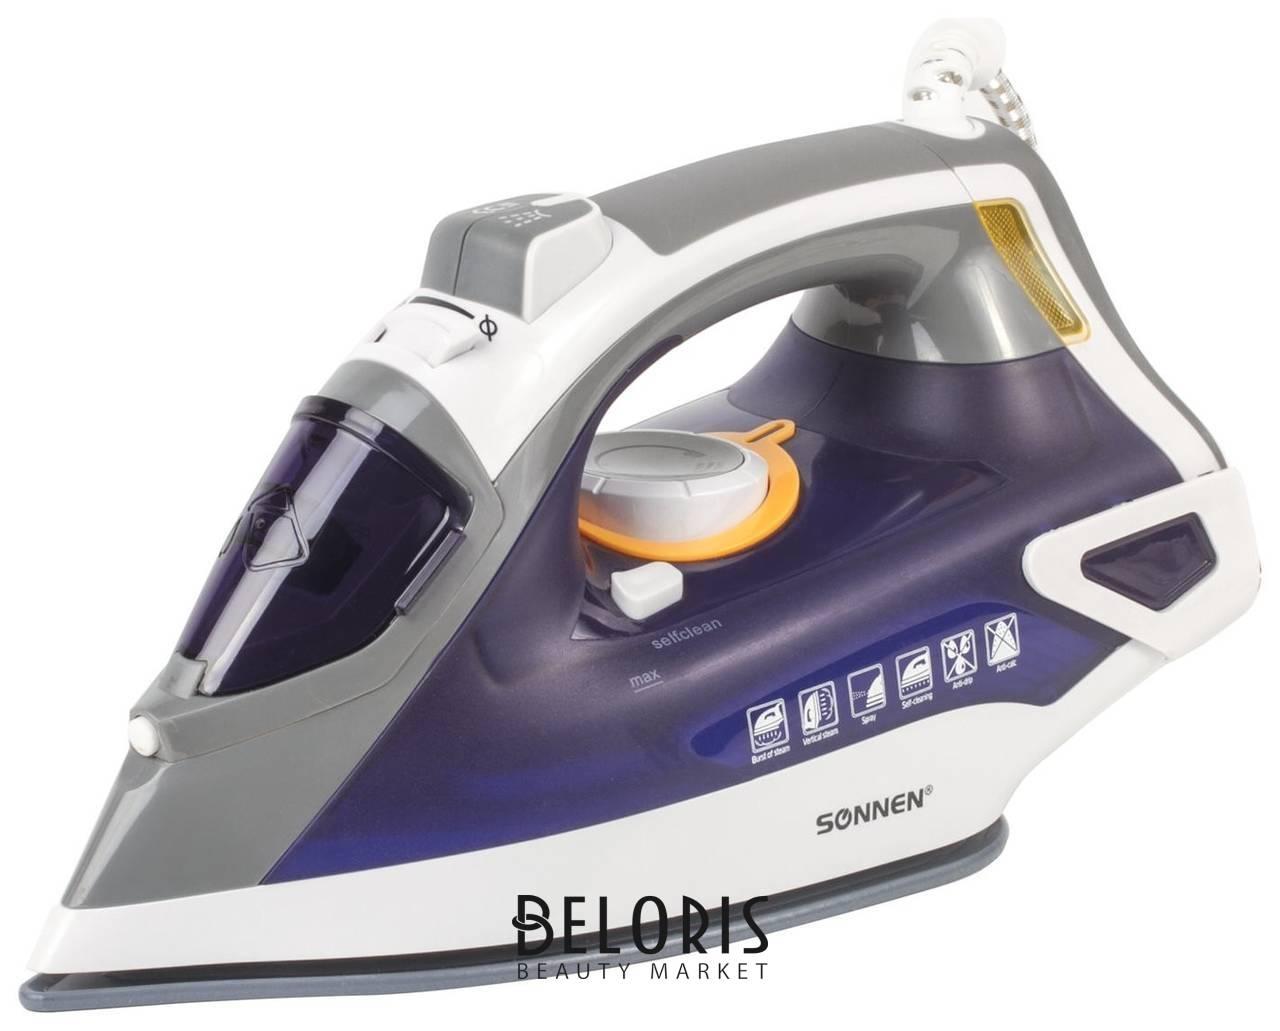 Утюг SONNEN SI-240, 2600 Вт, керамическое покрытие, антикапля, антинакипь, фиолетовый, 453507 Sonnen